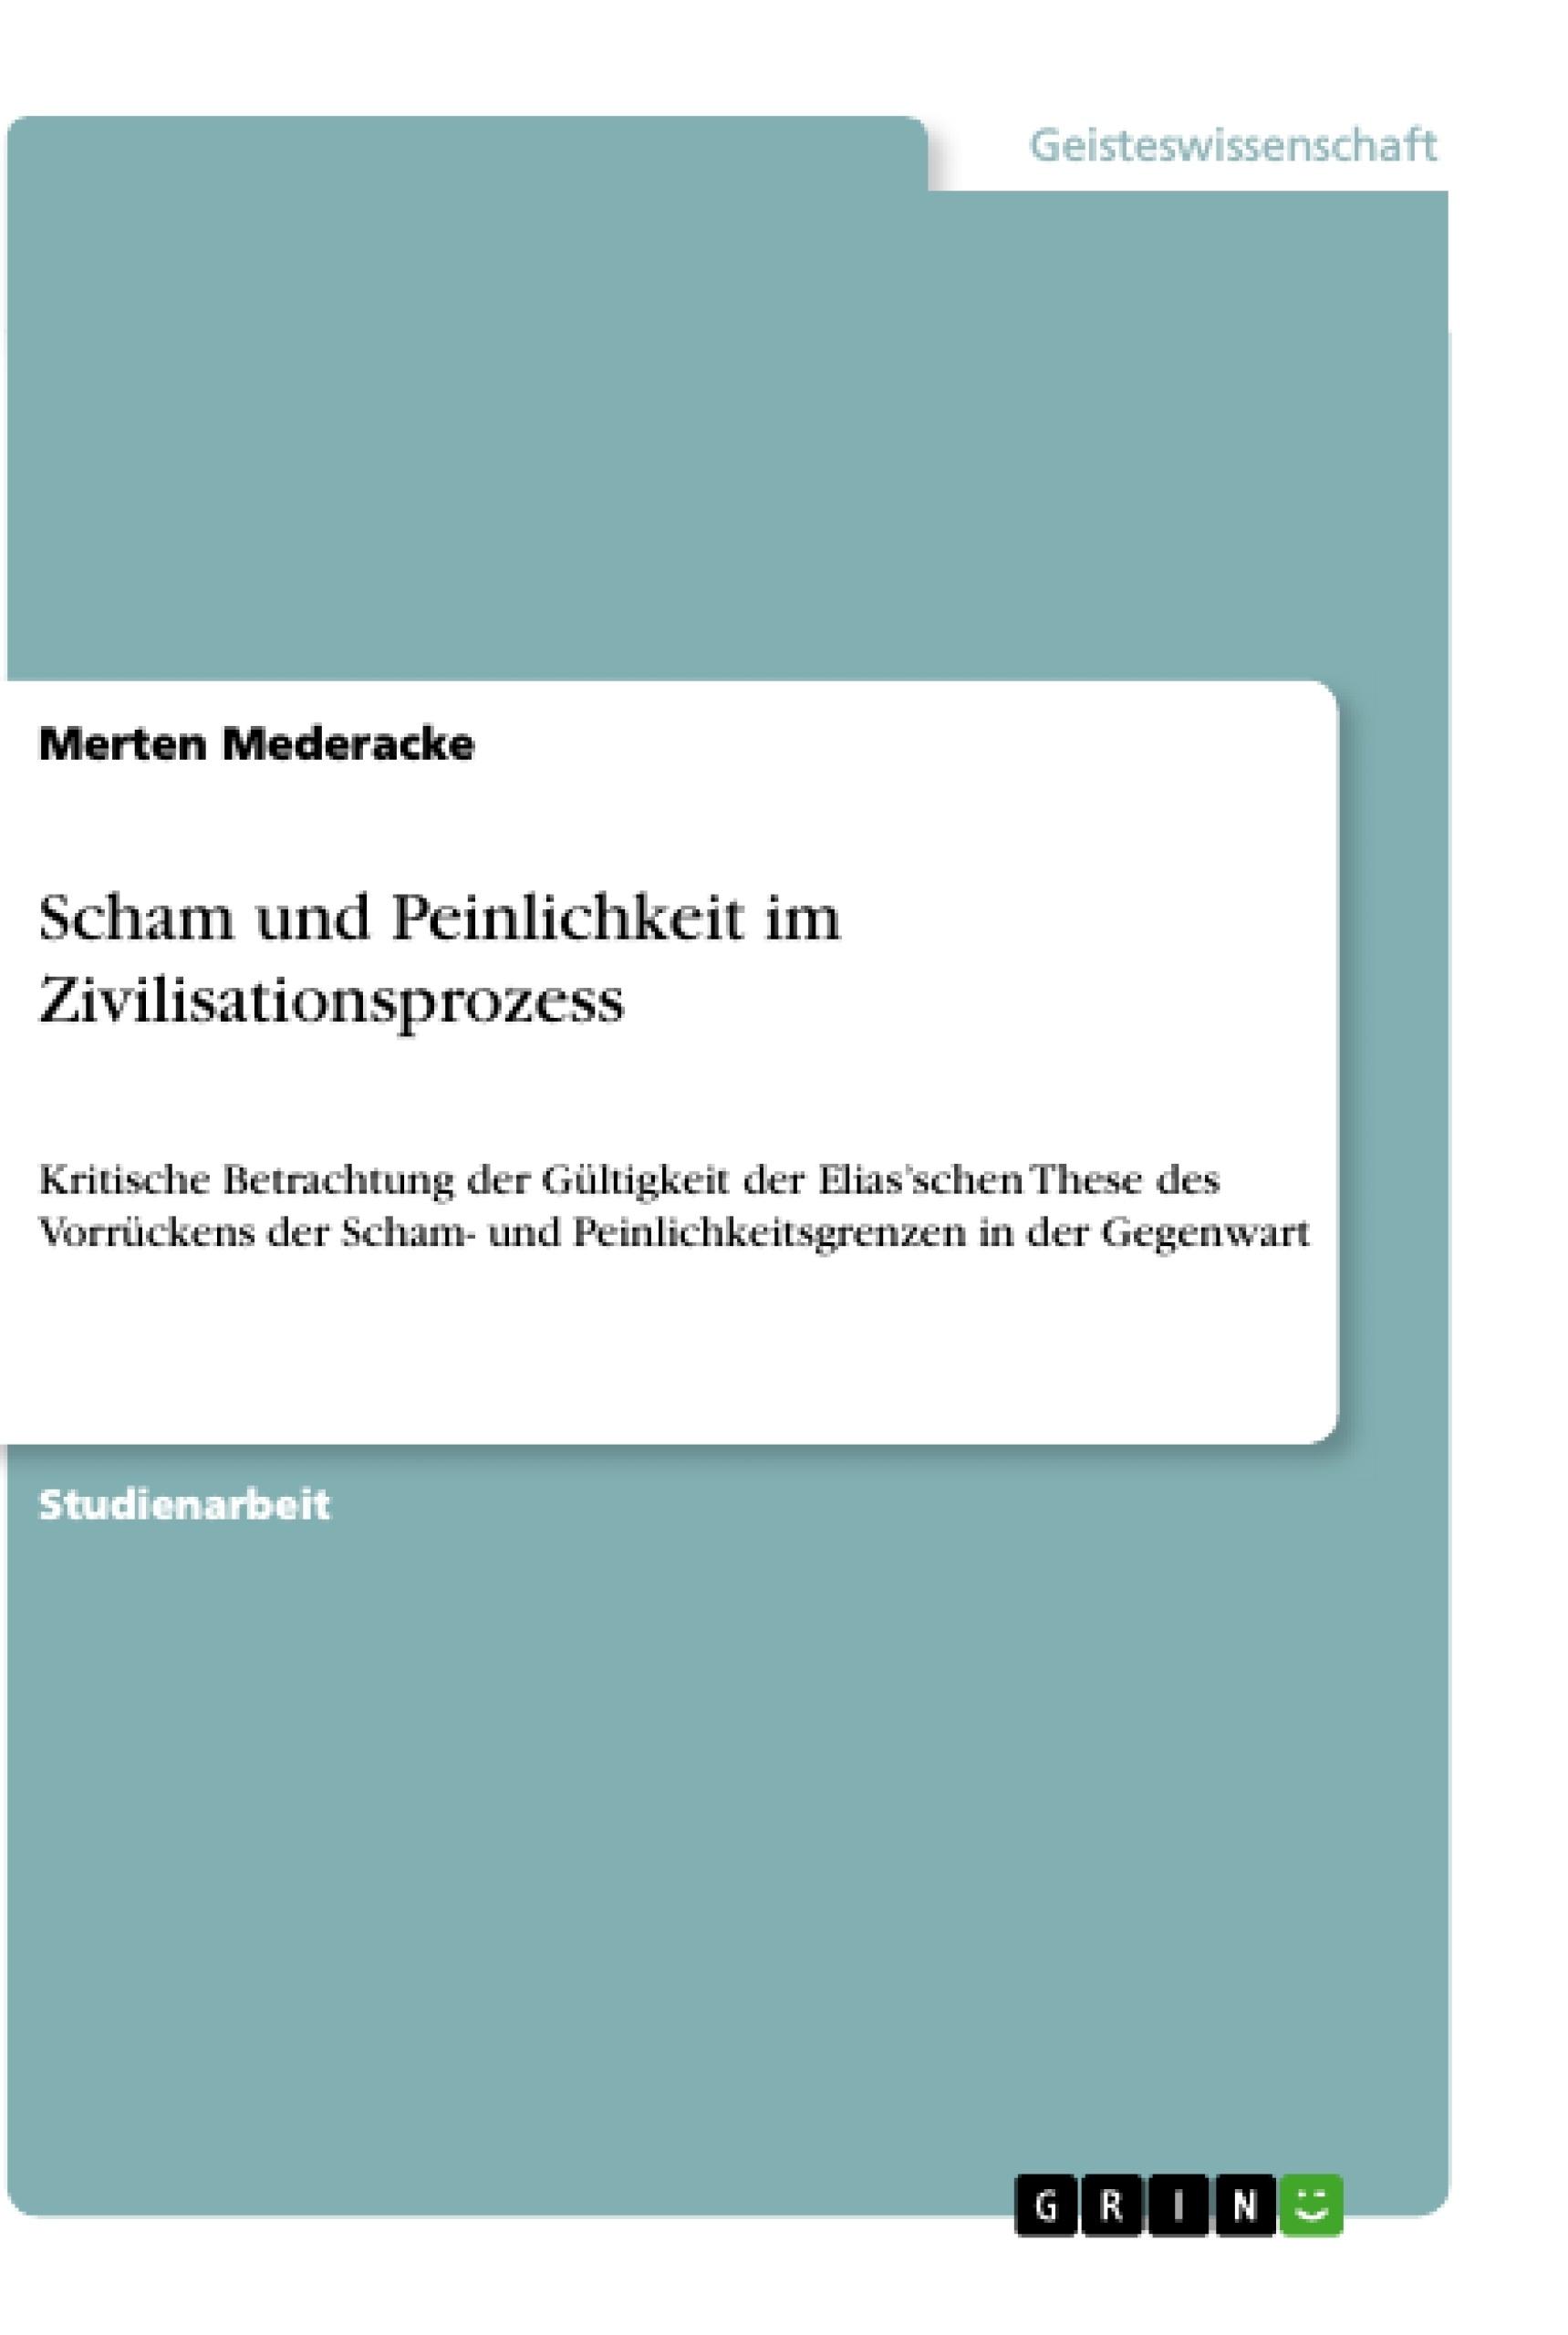 Titel: Scham und Peinlichkeit im Zivilisationsprozess